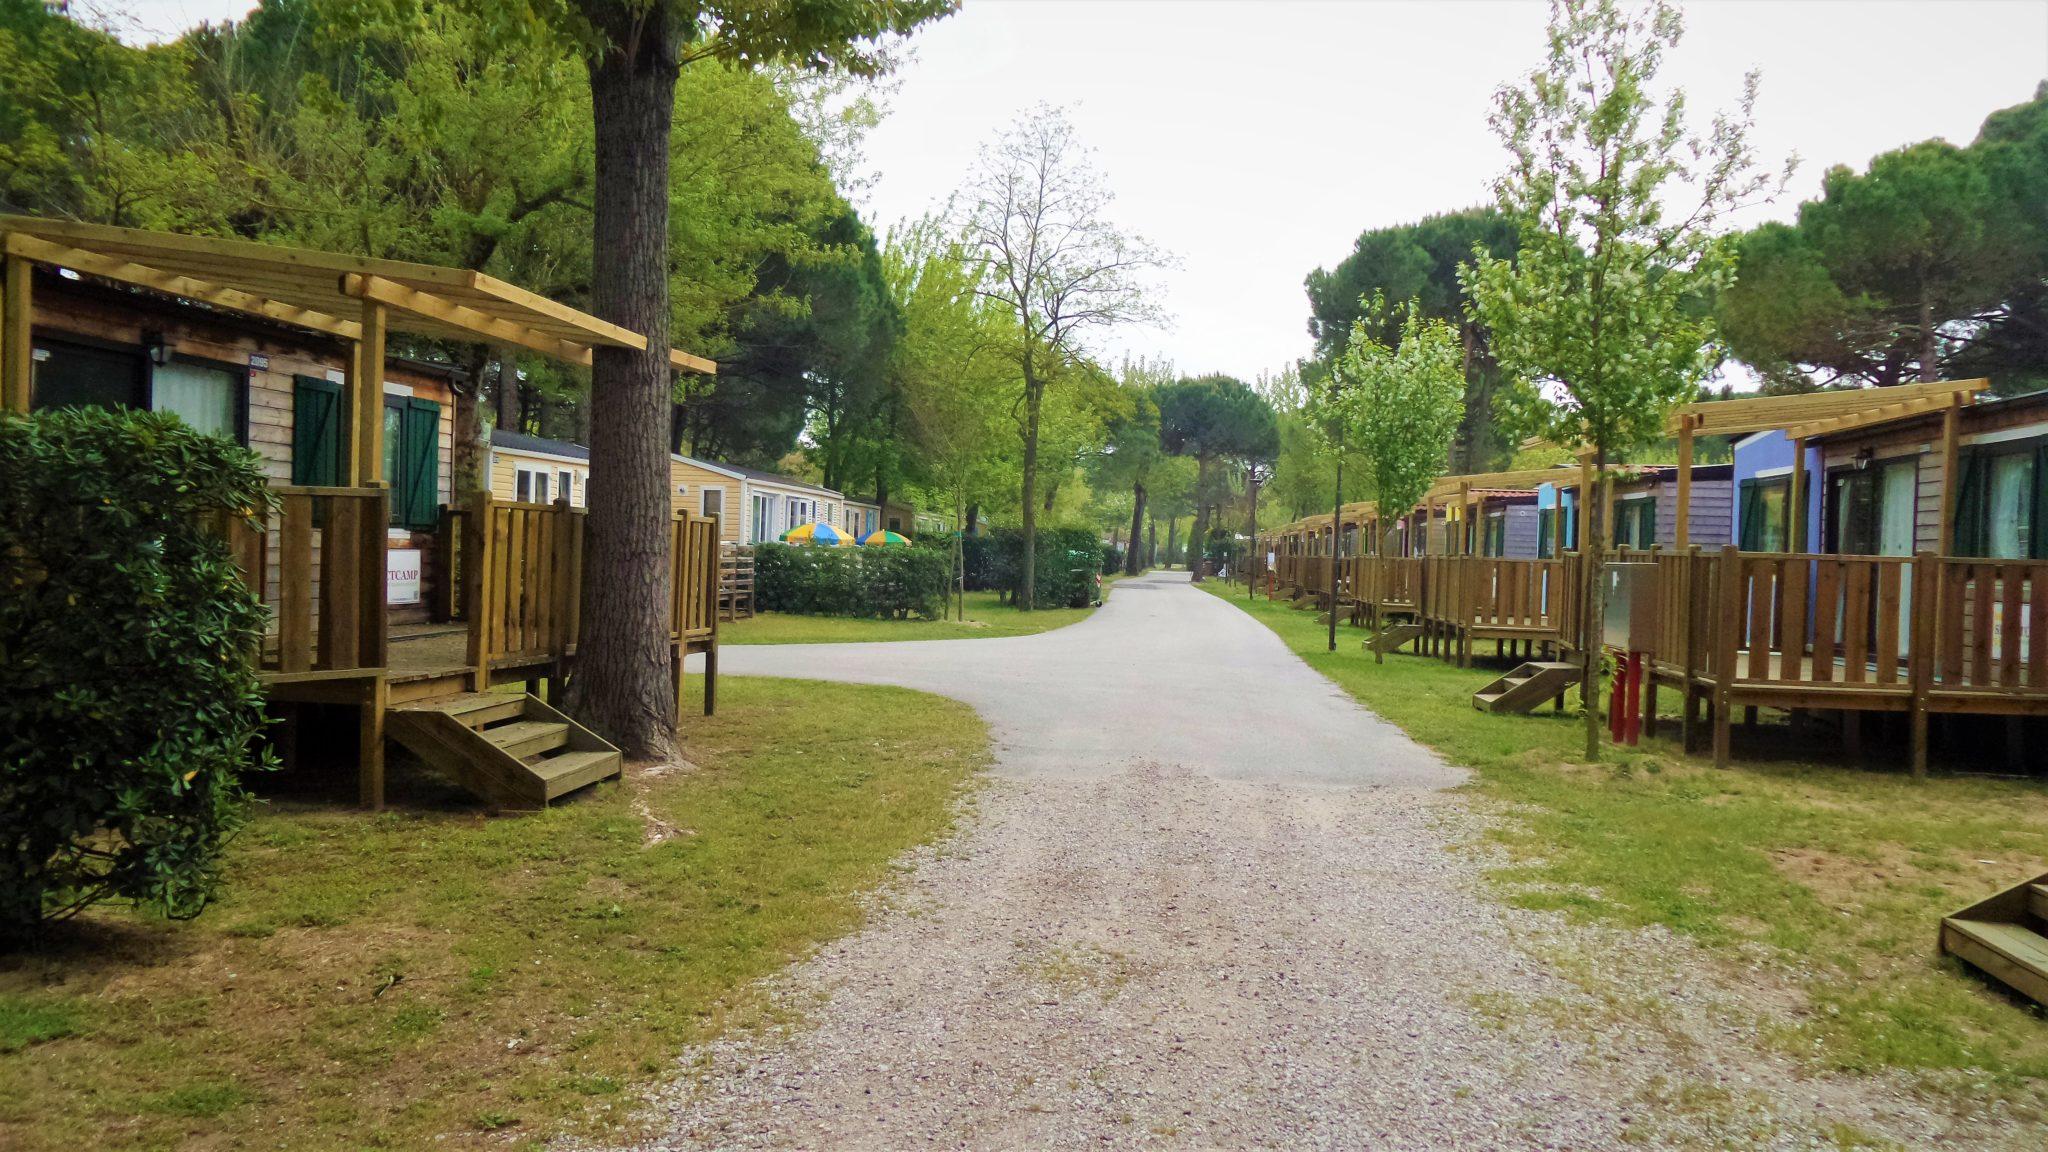 Suncamp holiday park, Punta Sabbioni, Venice, Italy